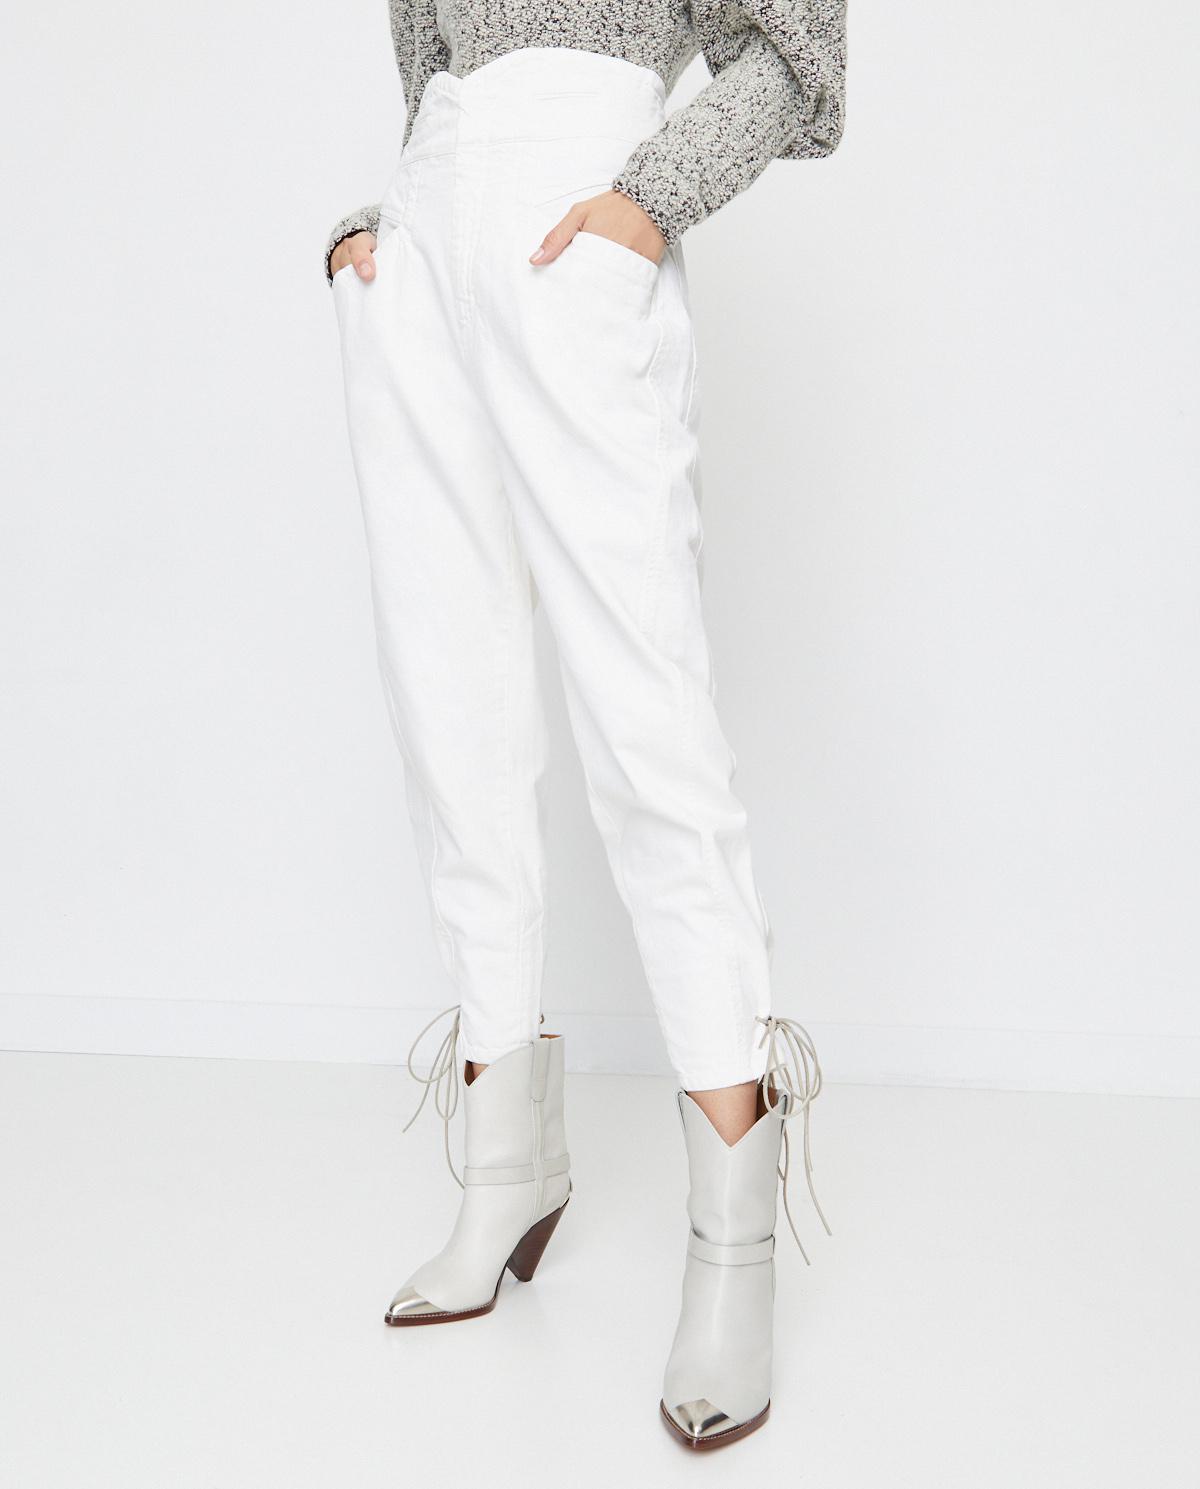 Białe jeansy Nubaia Isabel Marant PA1758-20A022I 20WH